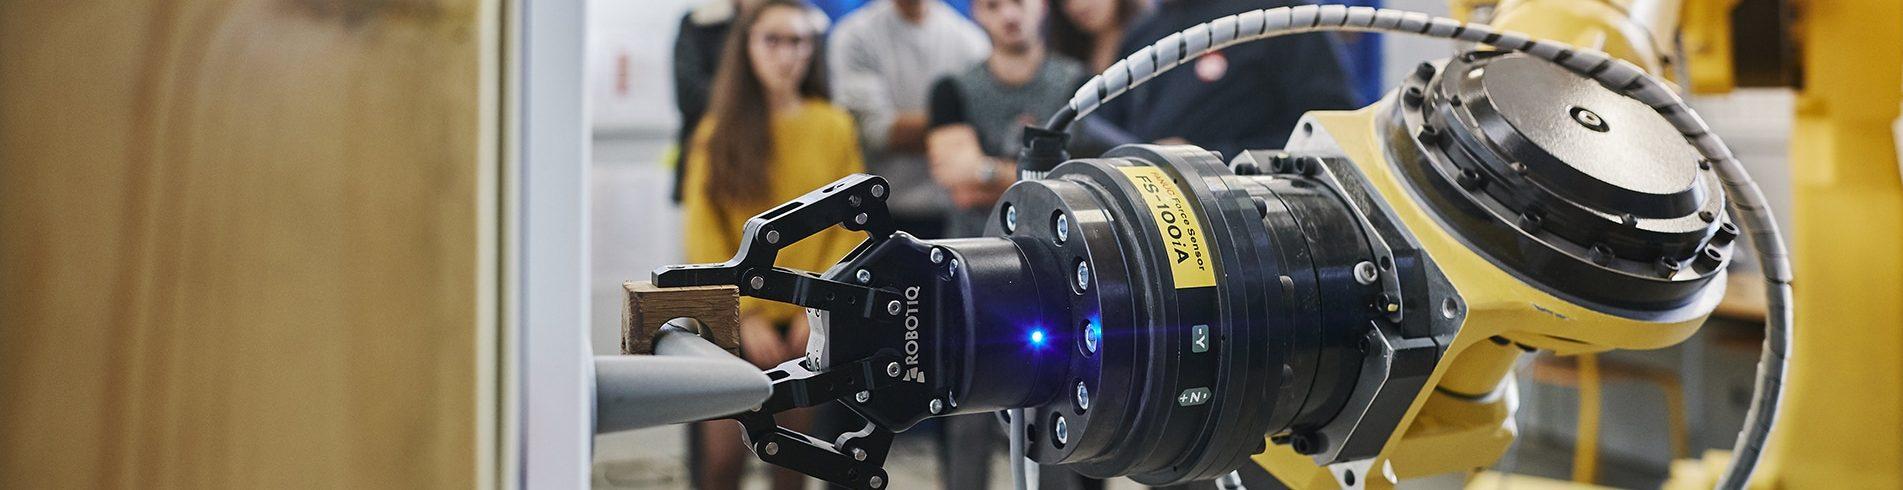 Entreprise ESB collaboration formation robotique